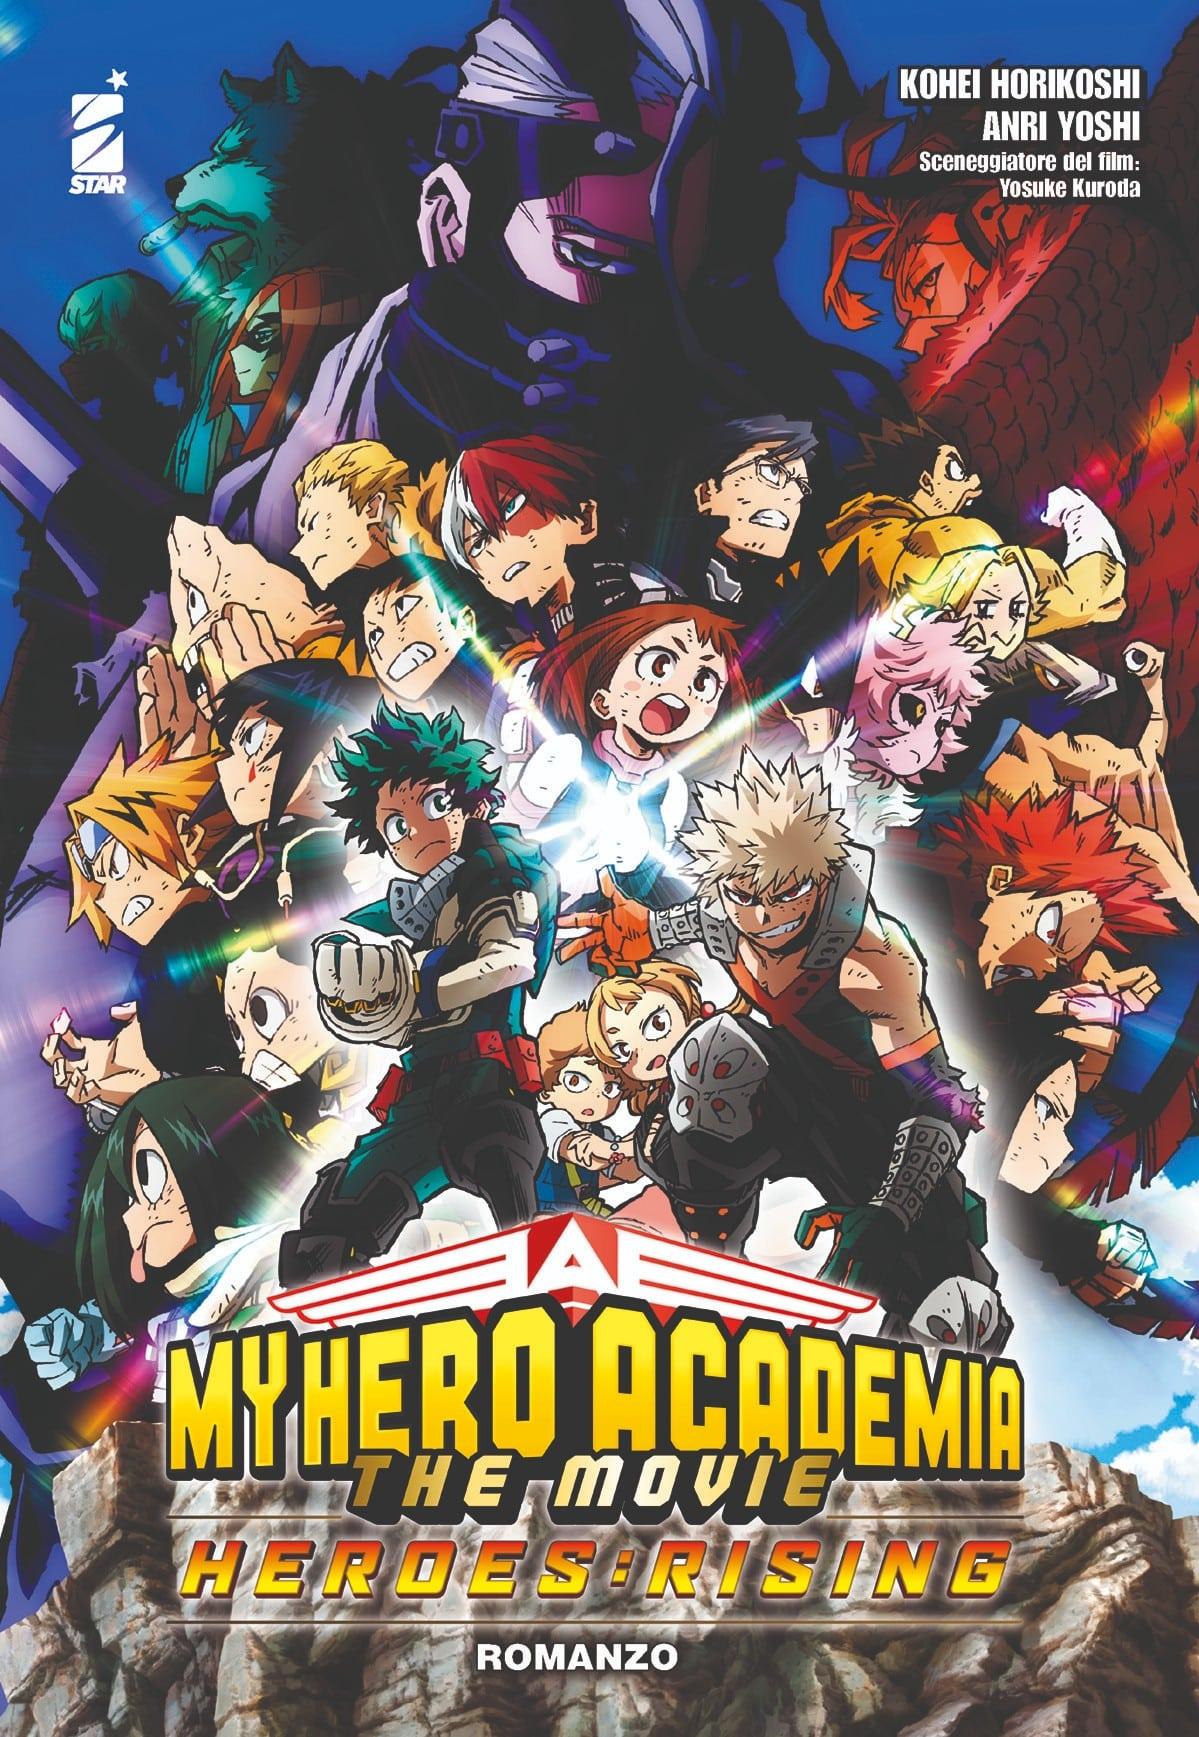 star comics my hero academia the movie heroes rising romanzo